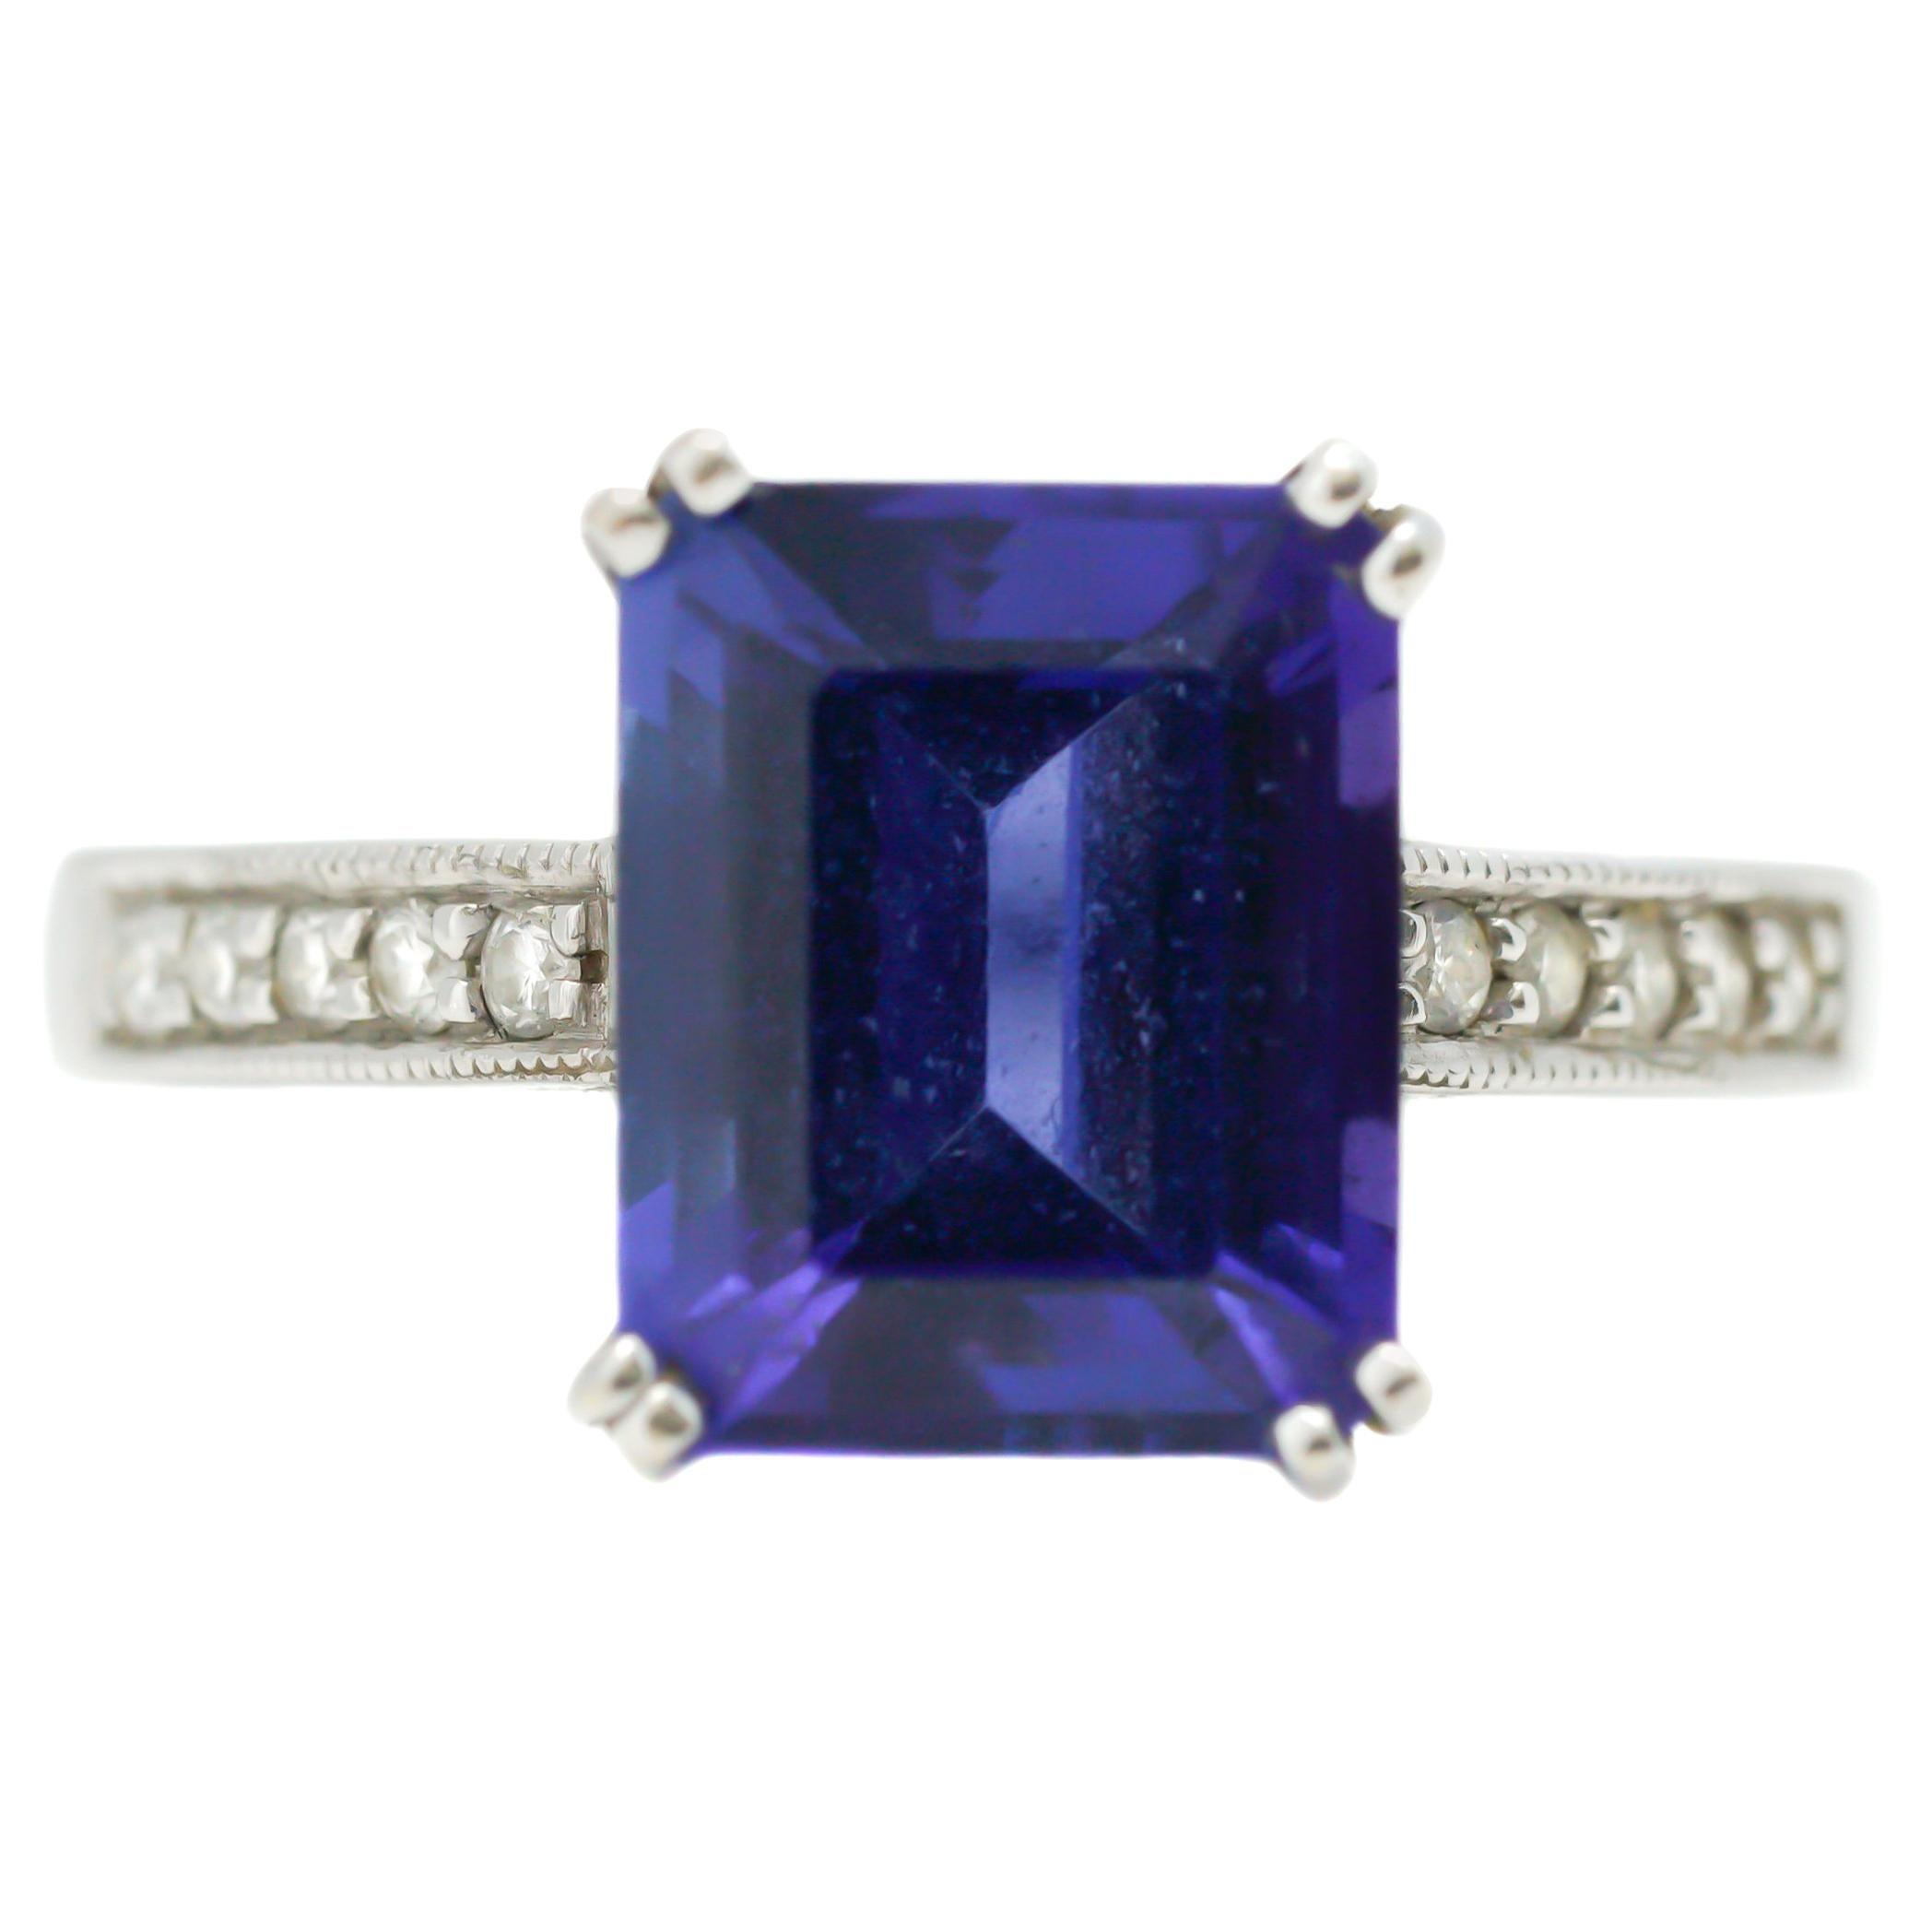 5.0 Carat Tanzanite and Diamond 14 Karat White Gold Ring